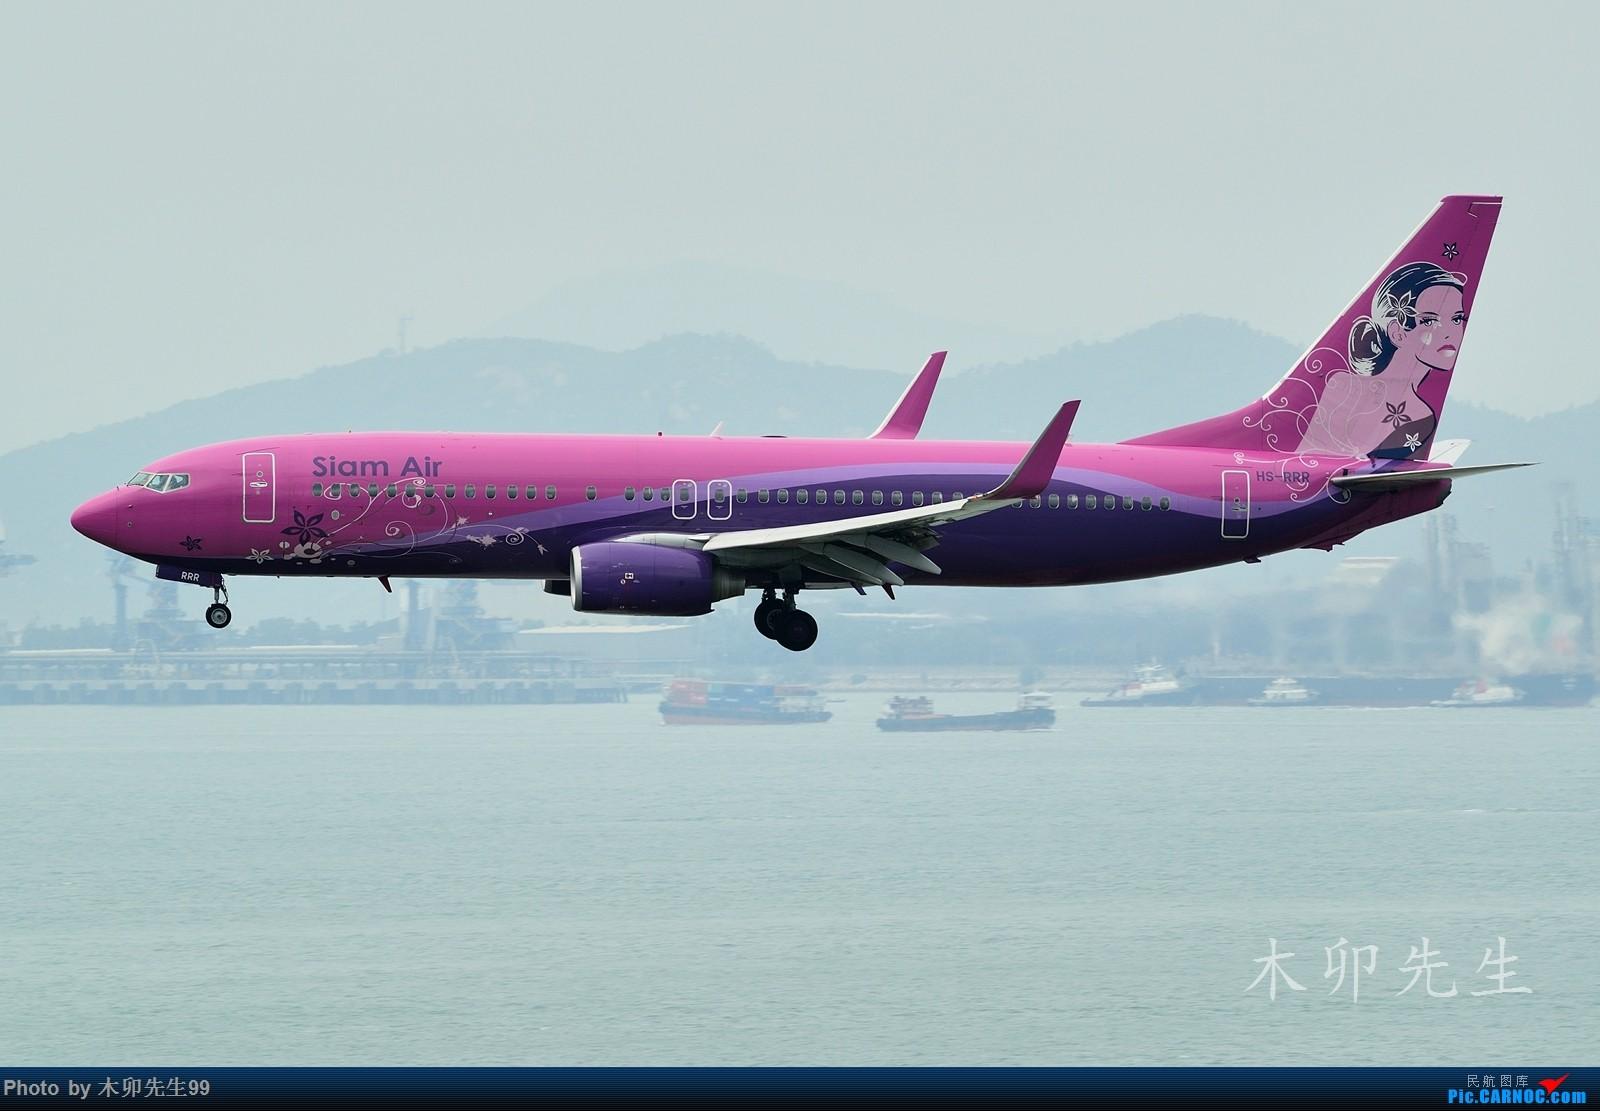 [原创]【木卯先生99】—【紫红色的飞机——泰国暹罗航空】—2016—003 BOEING 737-8KJ HS-RRR 香港赤鱲角国际机场